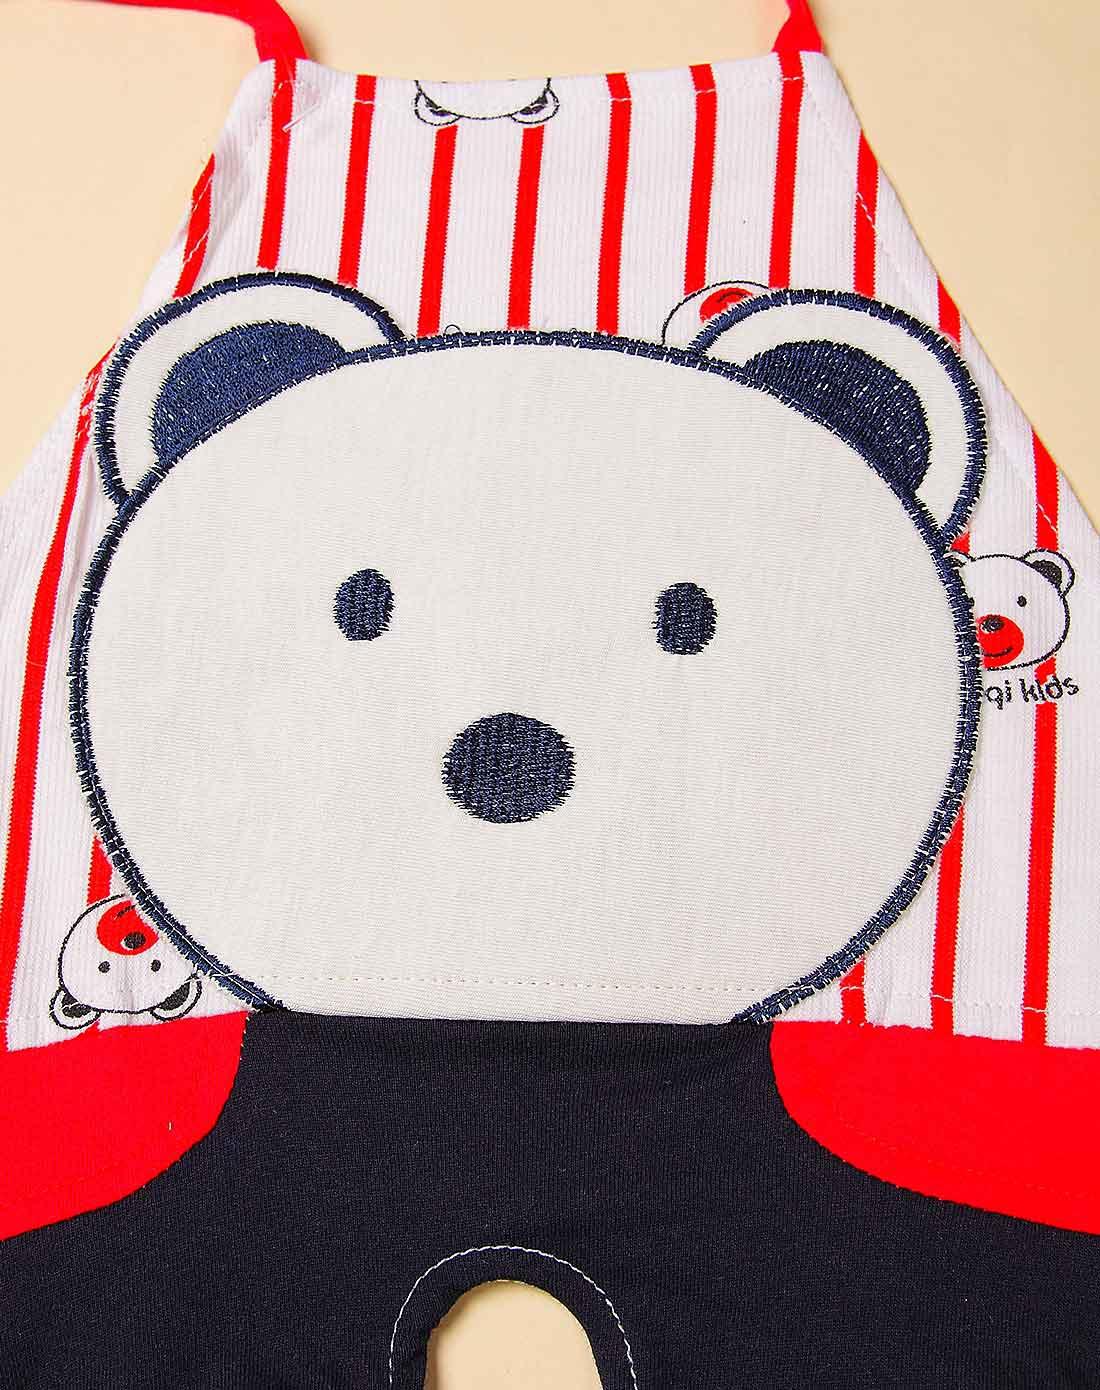 哈咪奇hamqi婴童服饰专场中性大红色可爱小熊肚兜